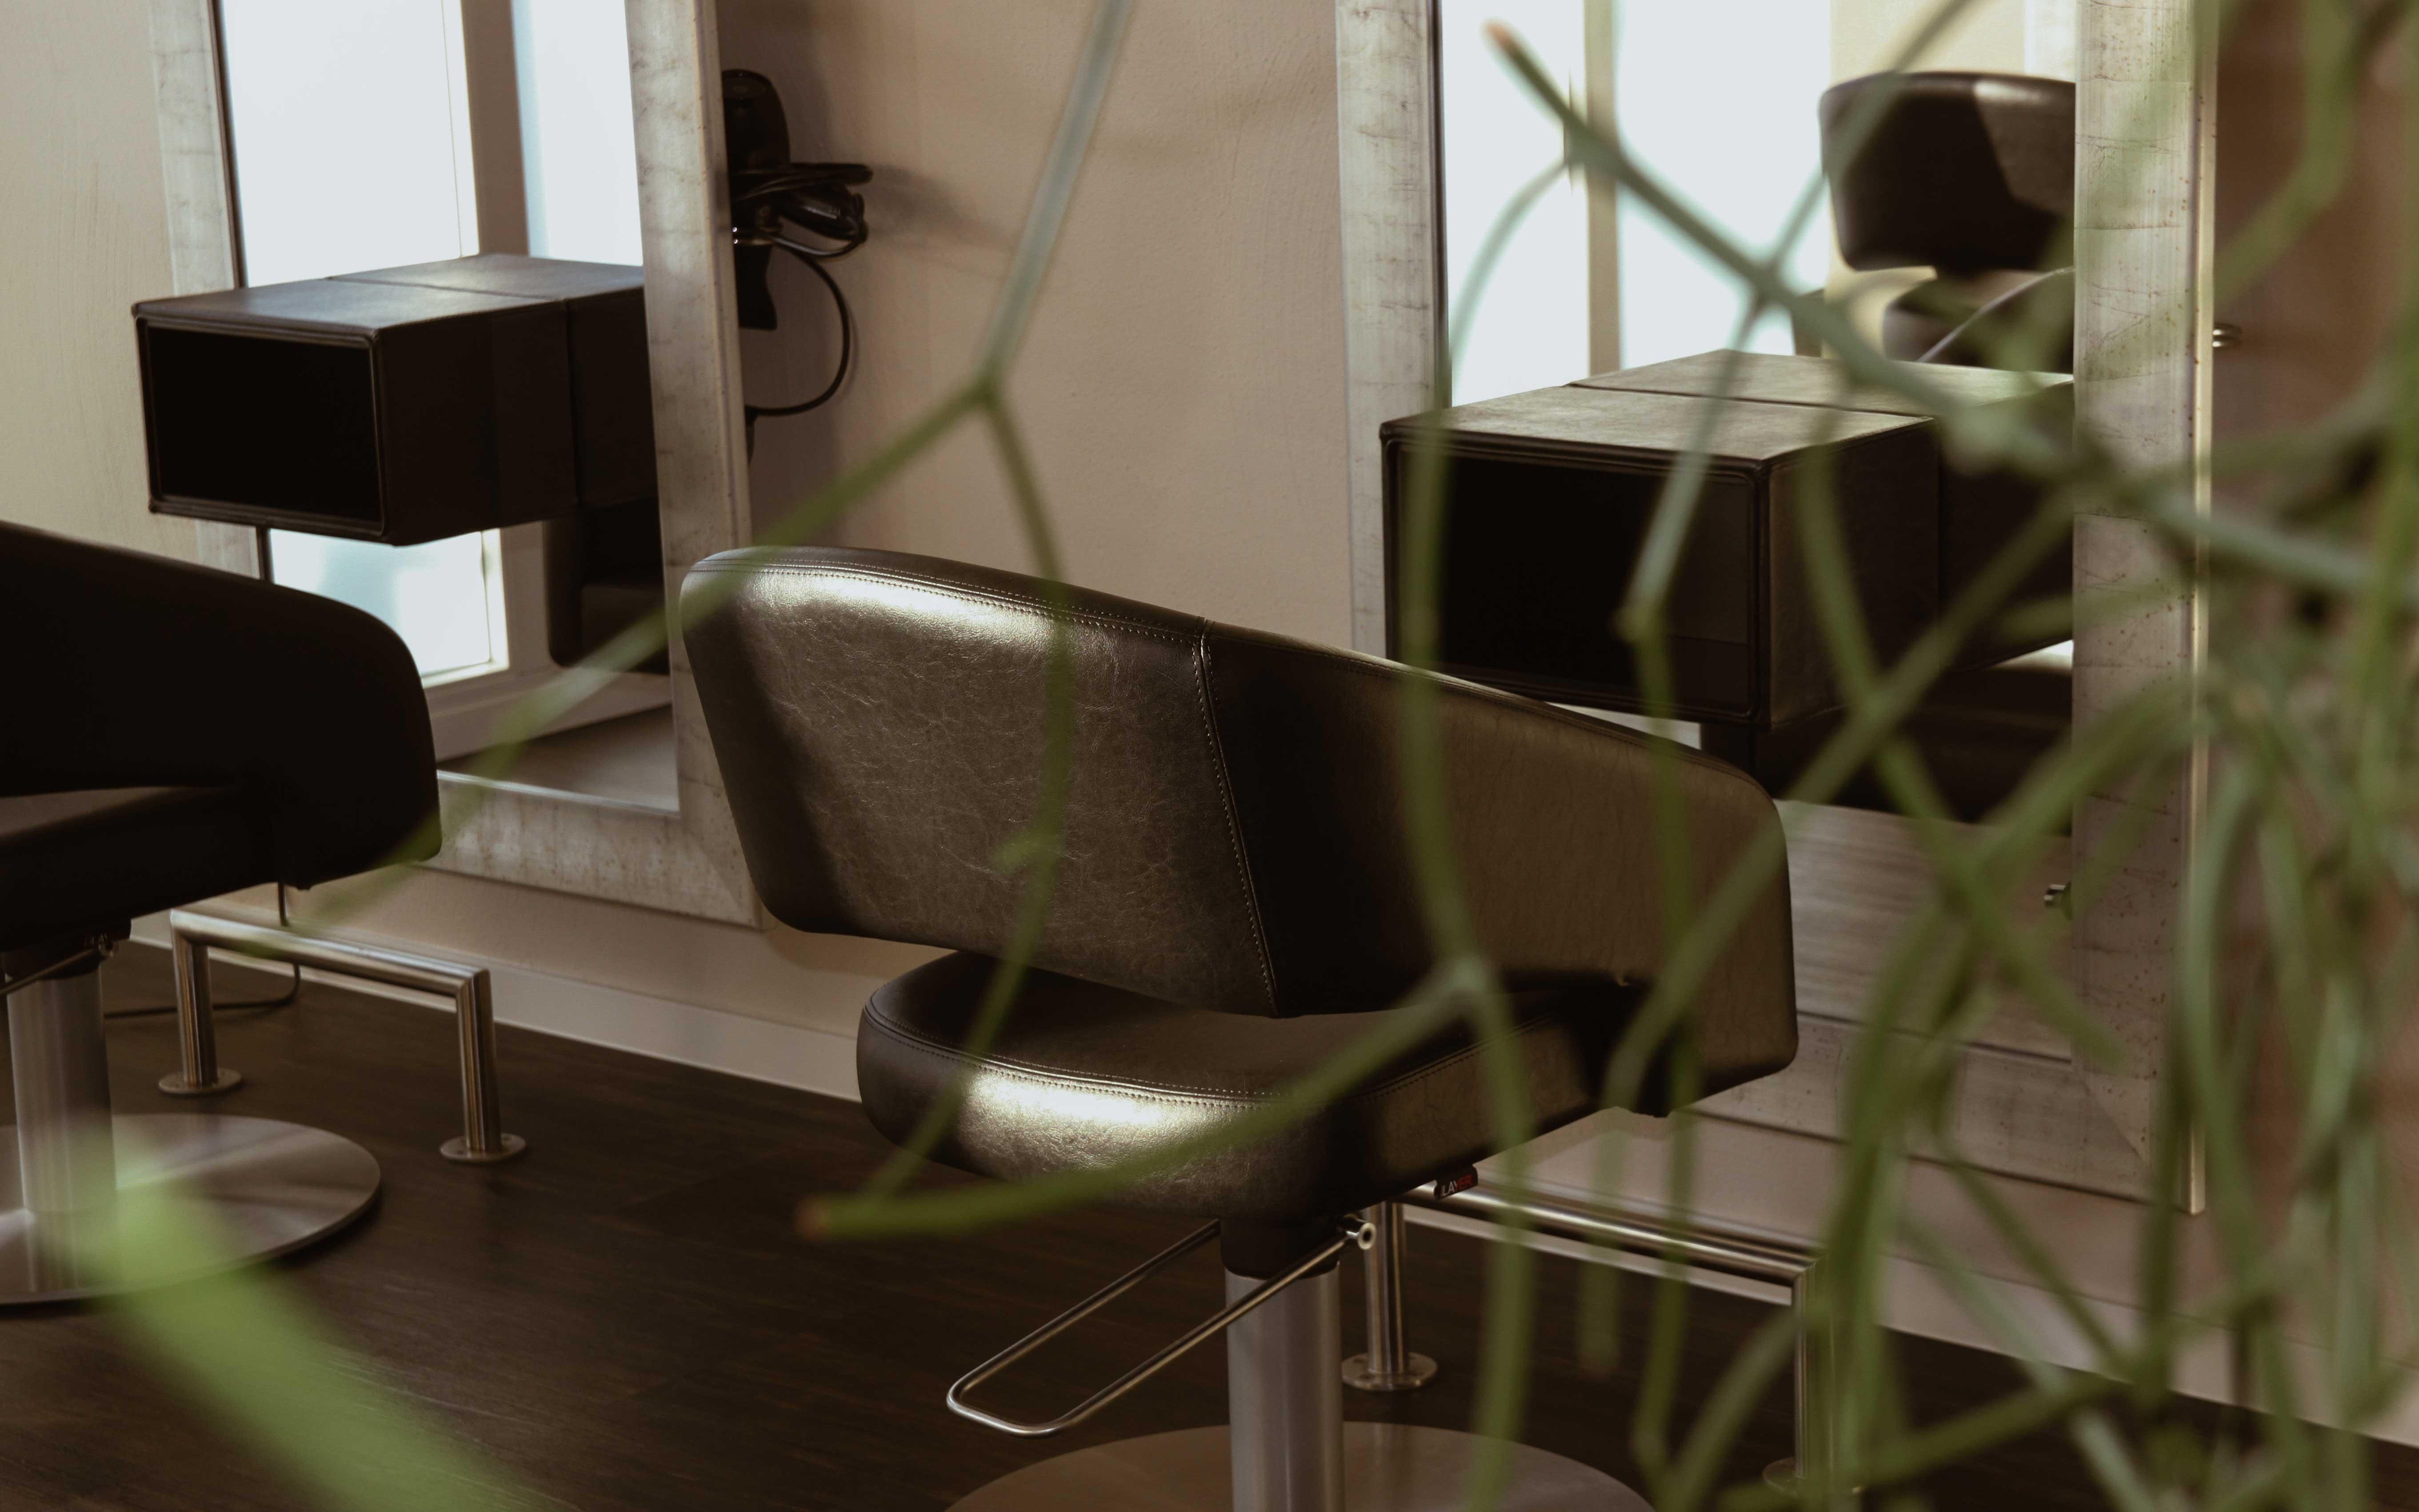 HAIRSISTERS — Dein Friseur am Puls der Zeit in Wiesloch